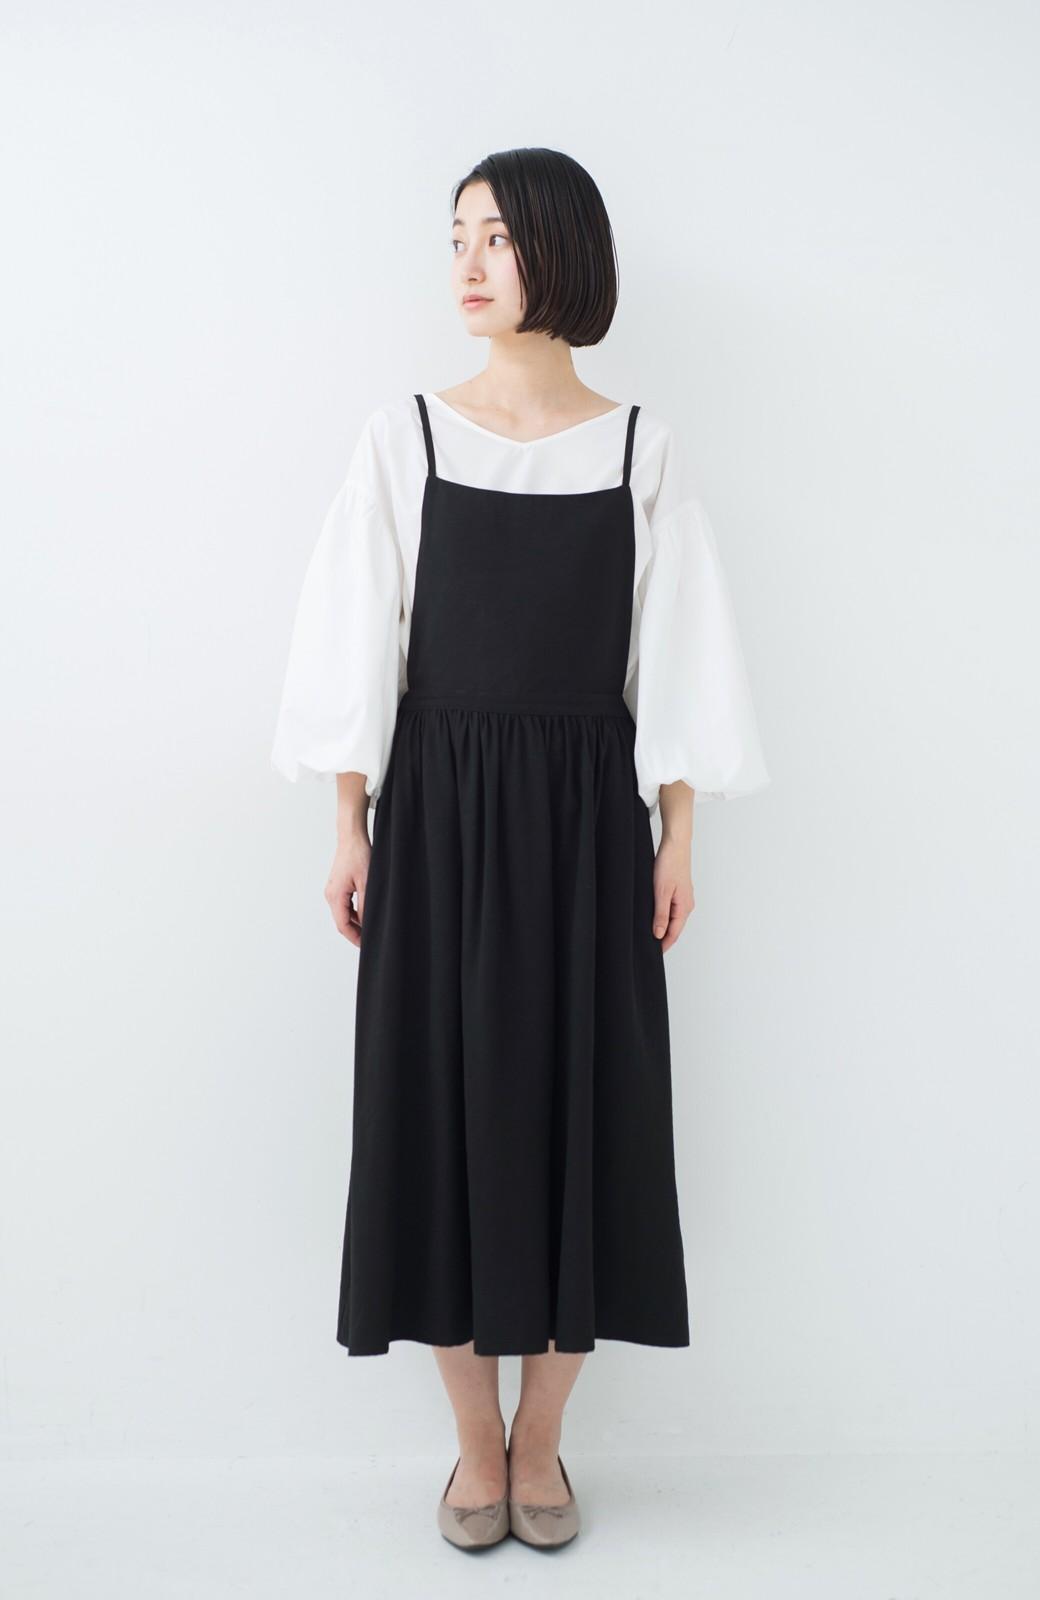 haco! シンプルな服に合わせるだけでかわいいエプロンワンピース <ブラック>の商品写真5